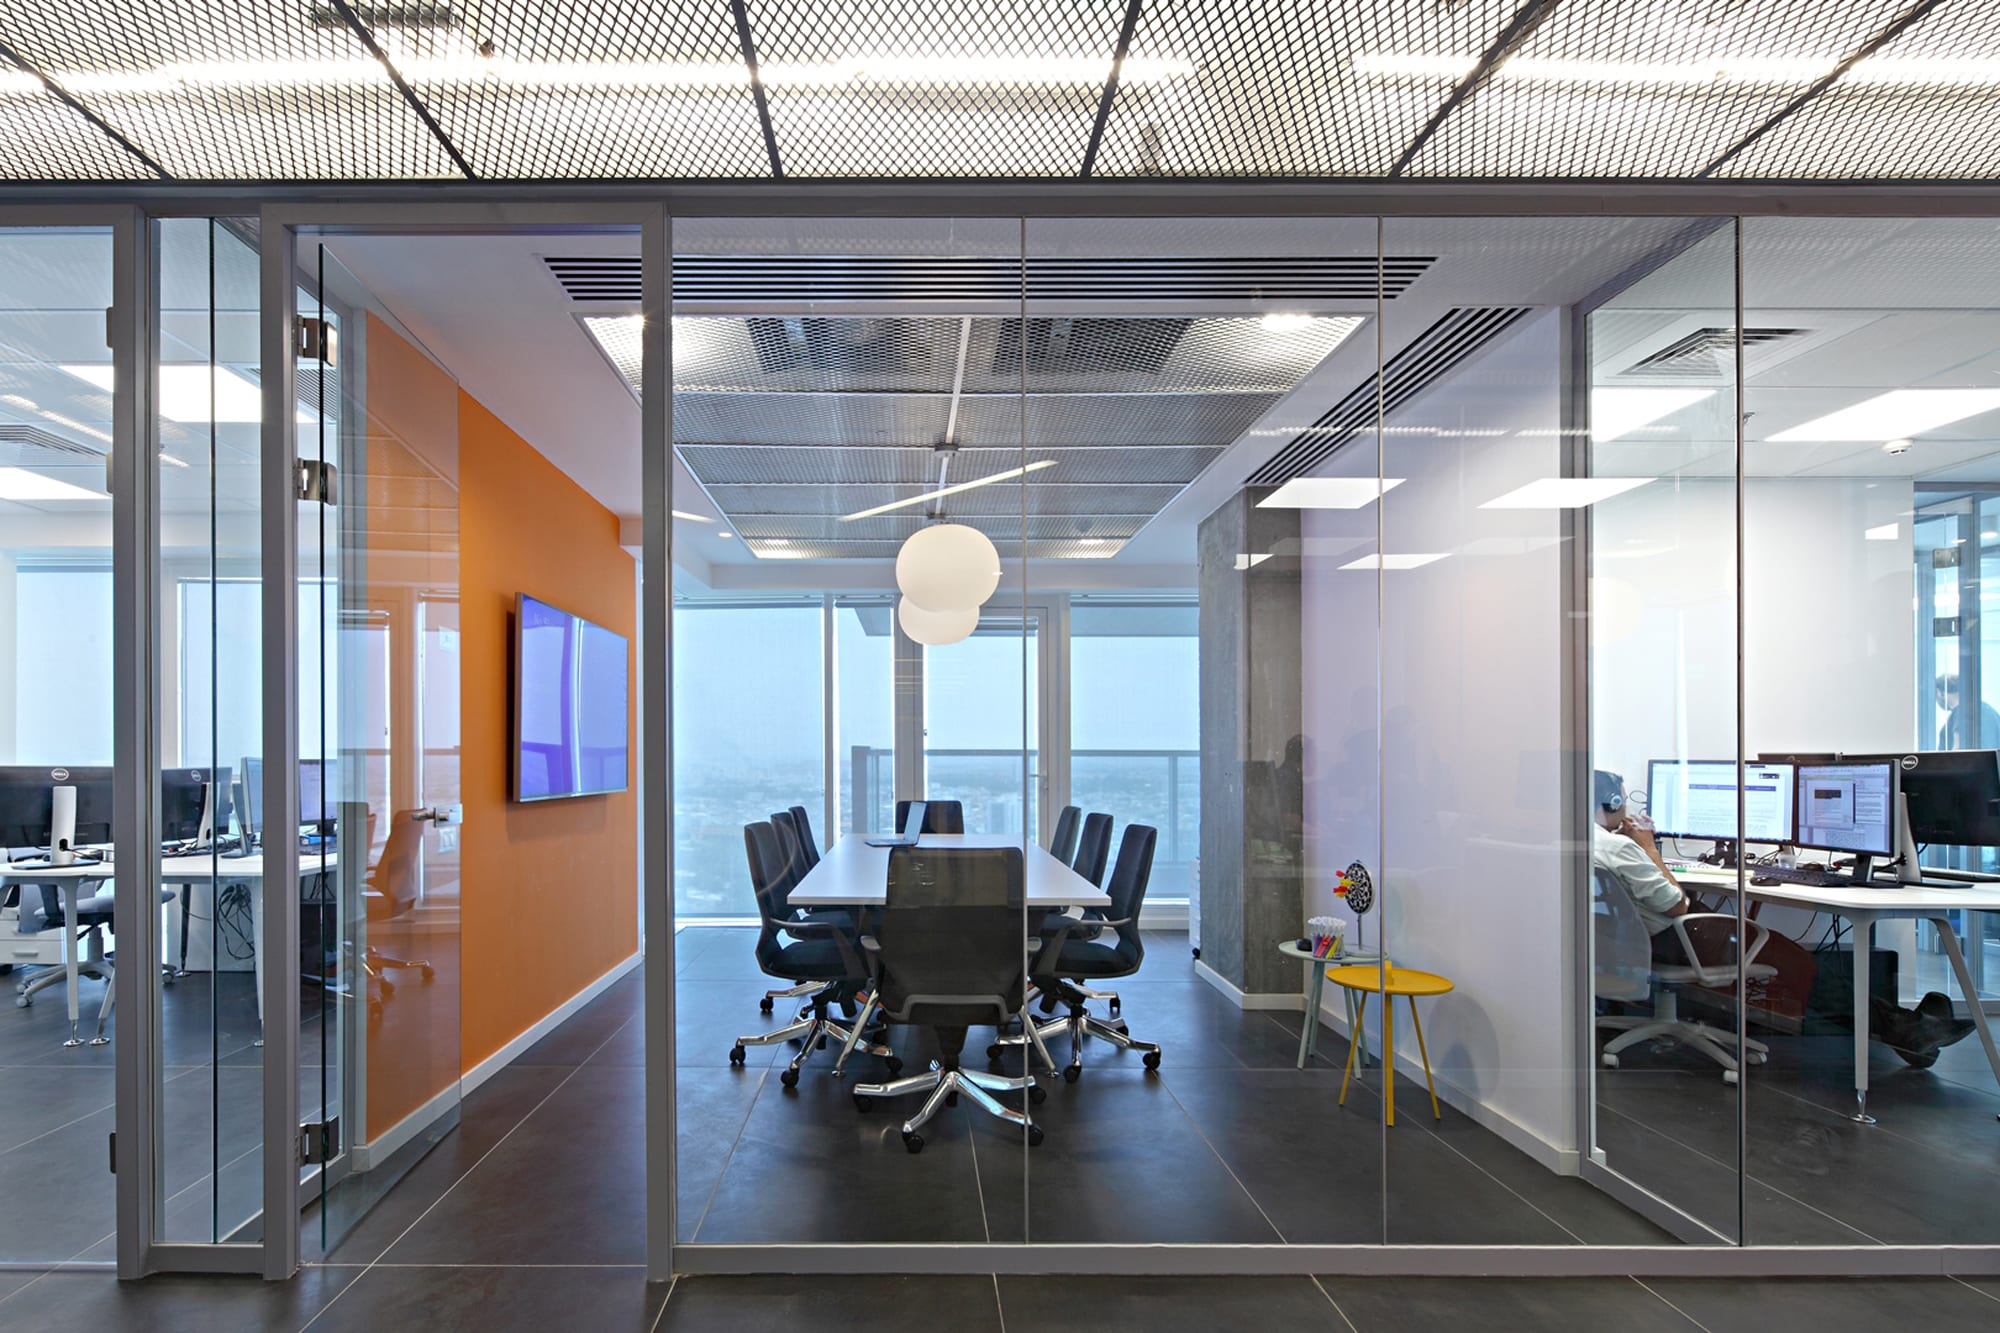 עיצוב משרדי הייטק - חגי נגר אדריכל